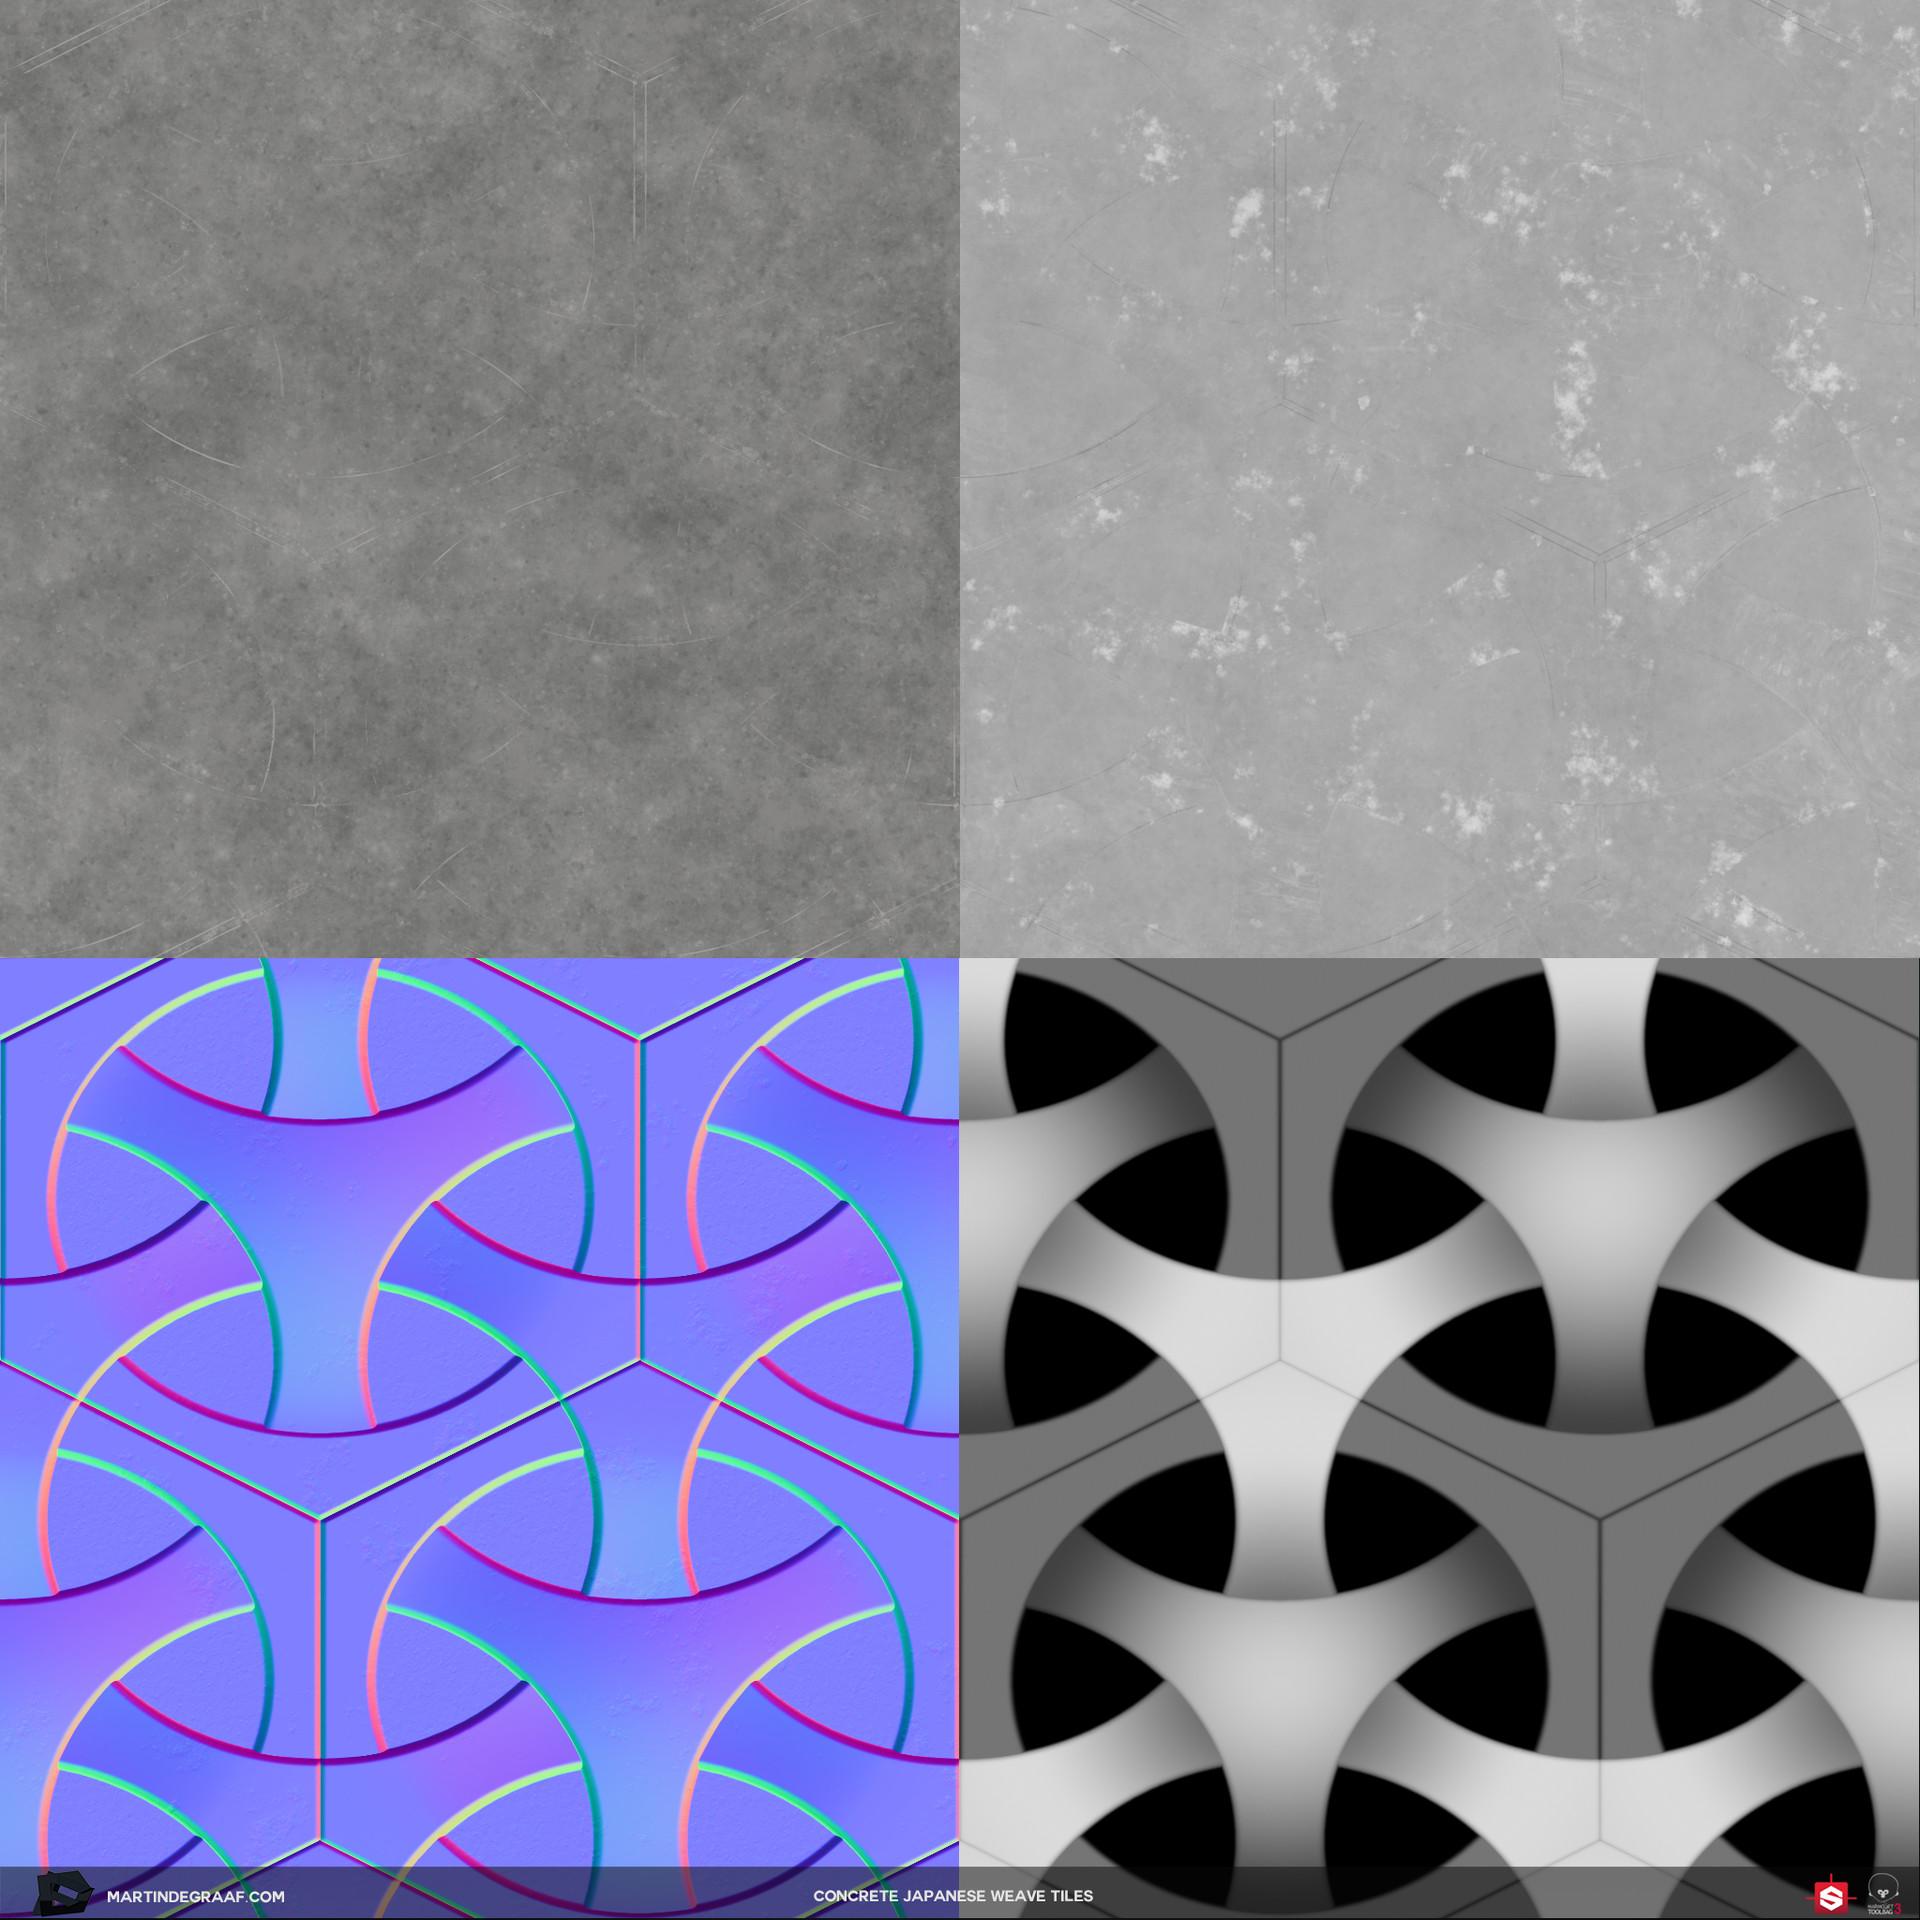 Martin de graaf japanese weave substance texturesheet martin de graaf 2018